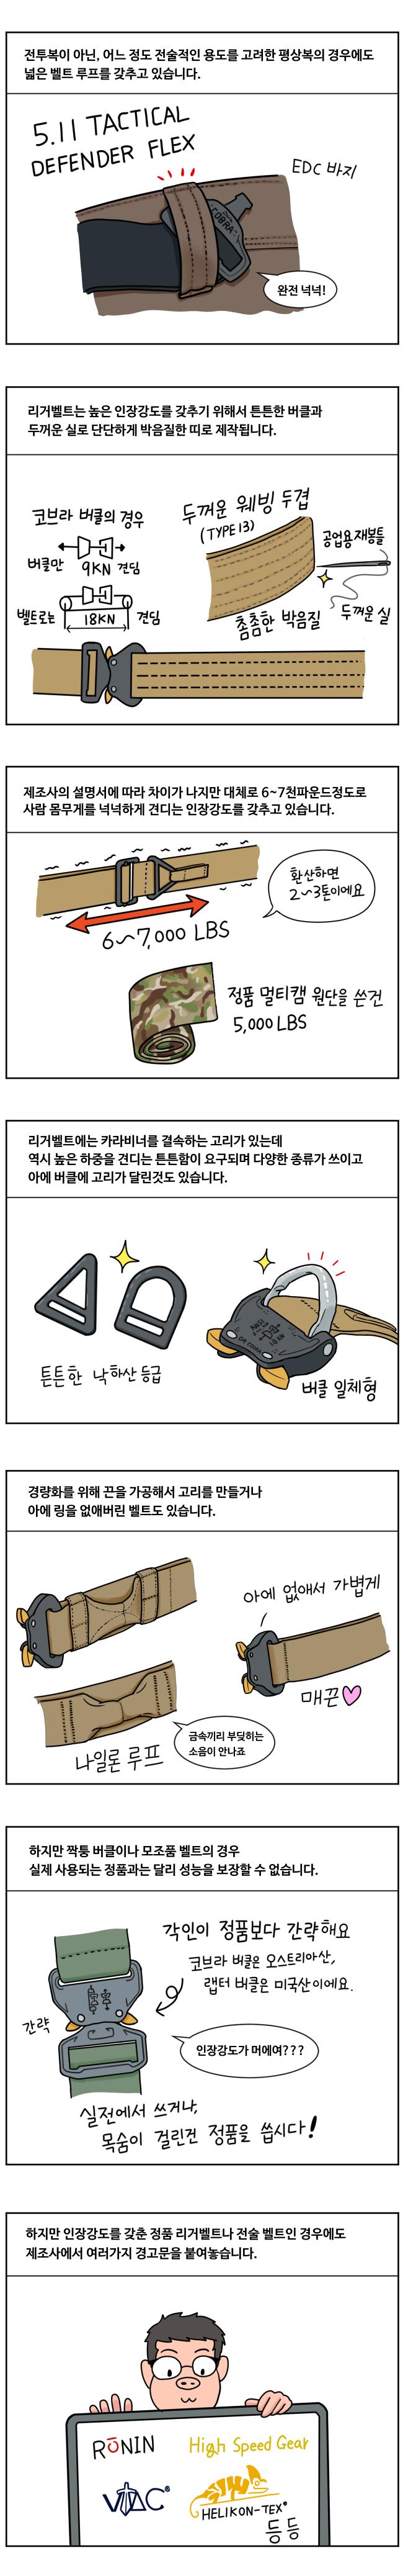 belt - 04.jpg